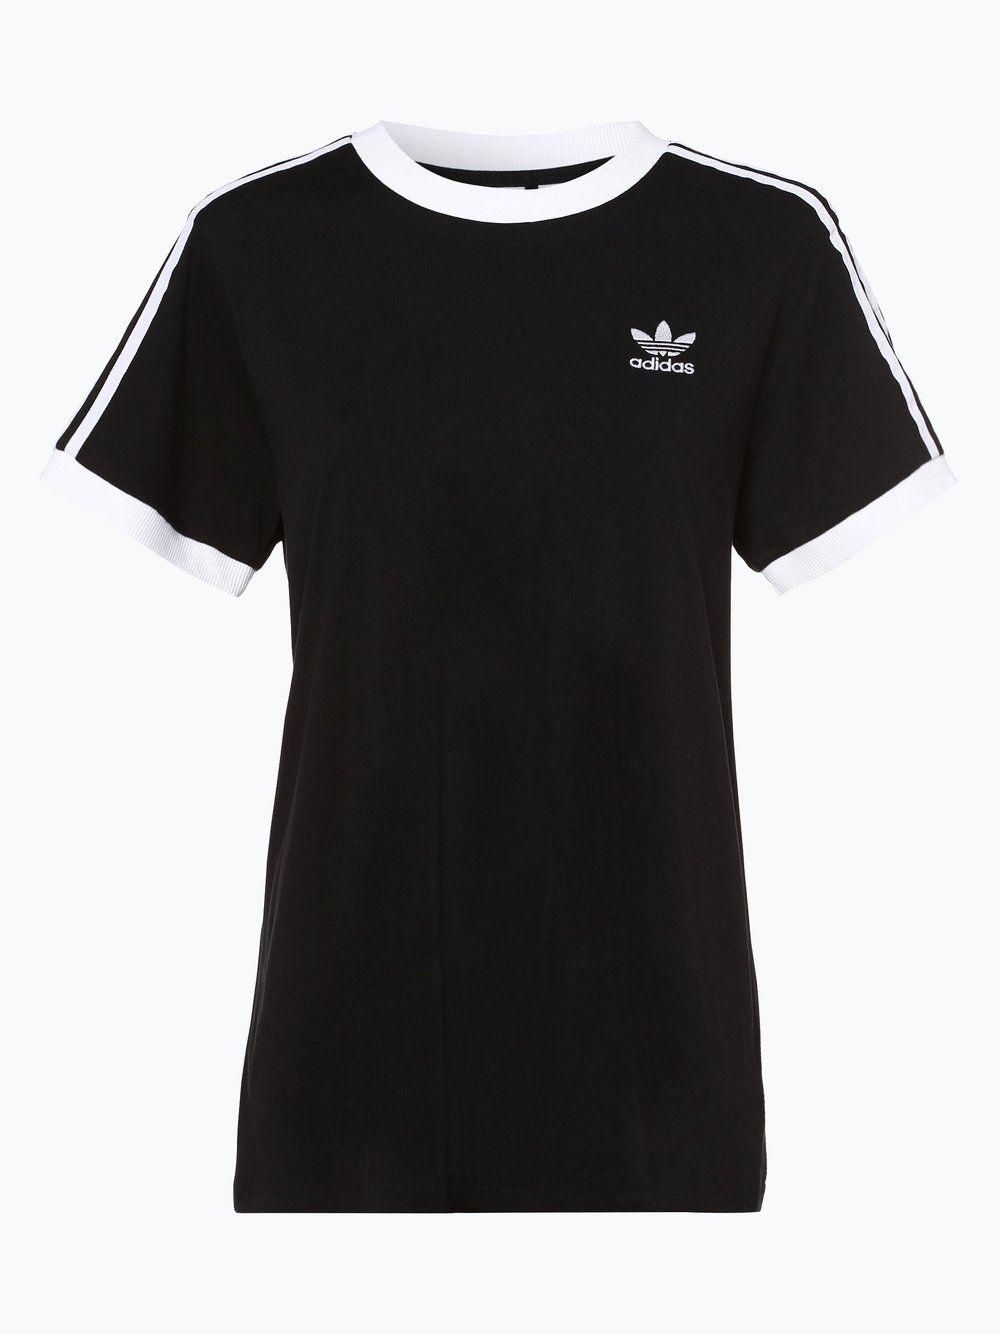 Damen T Shirt | Adidas originals damen, T shirt damen und Shirts